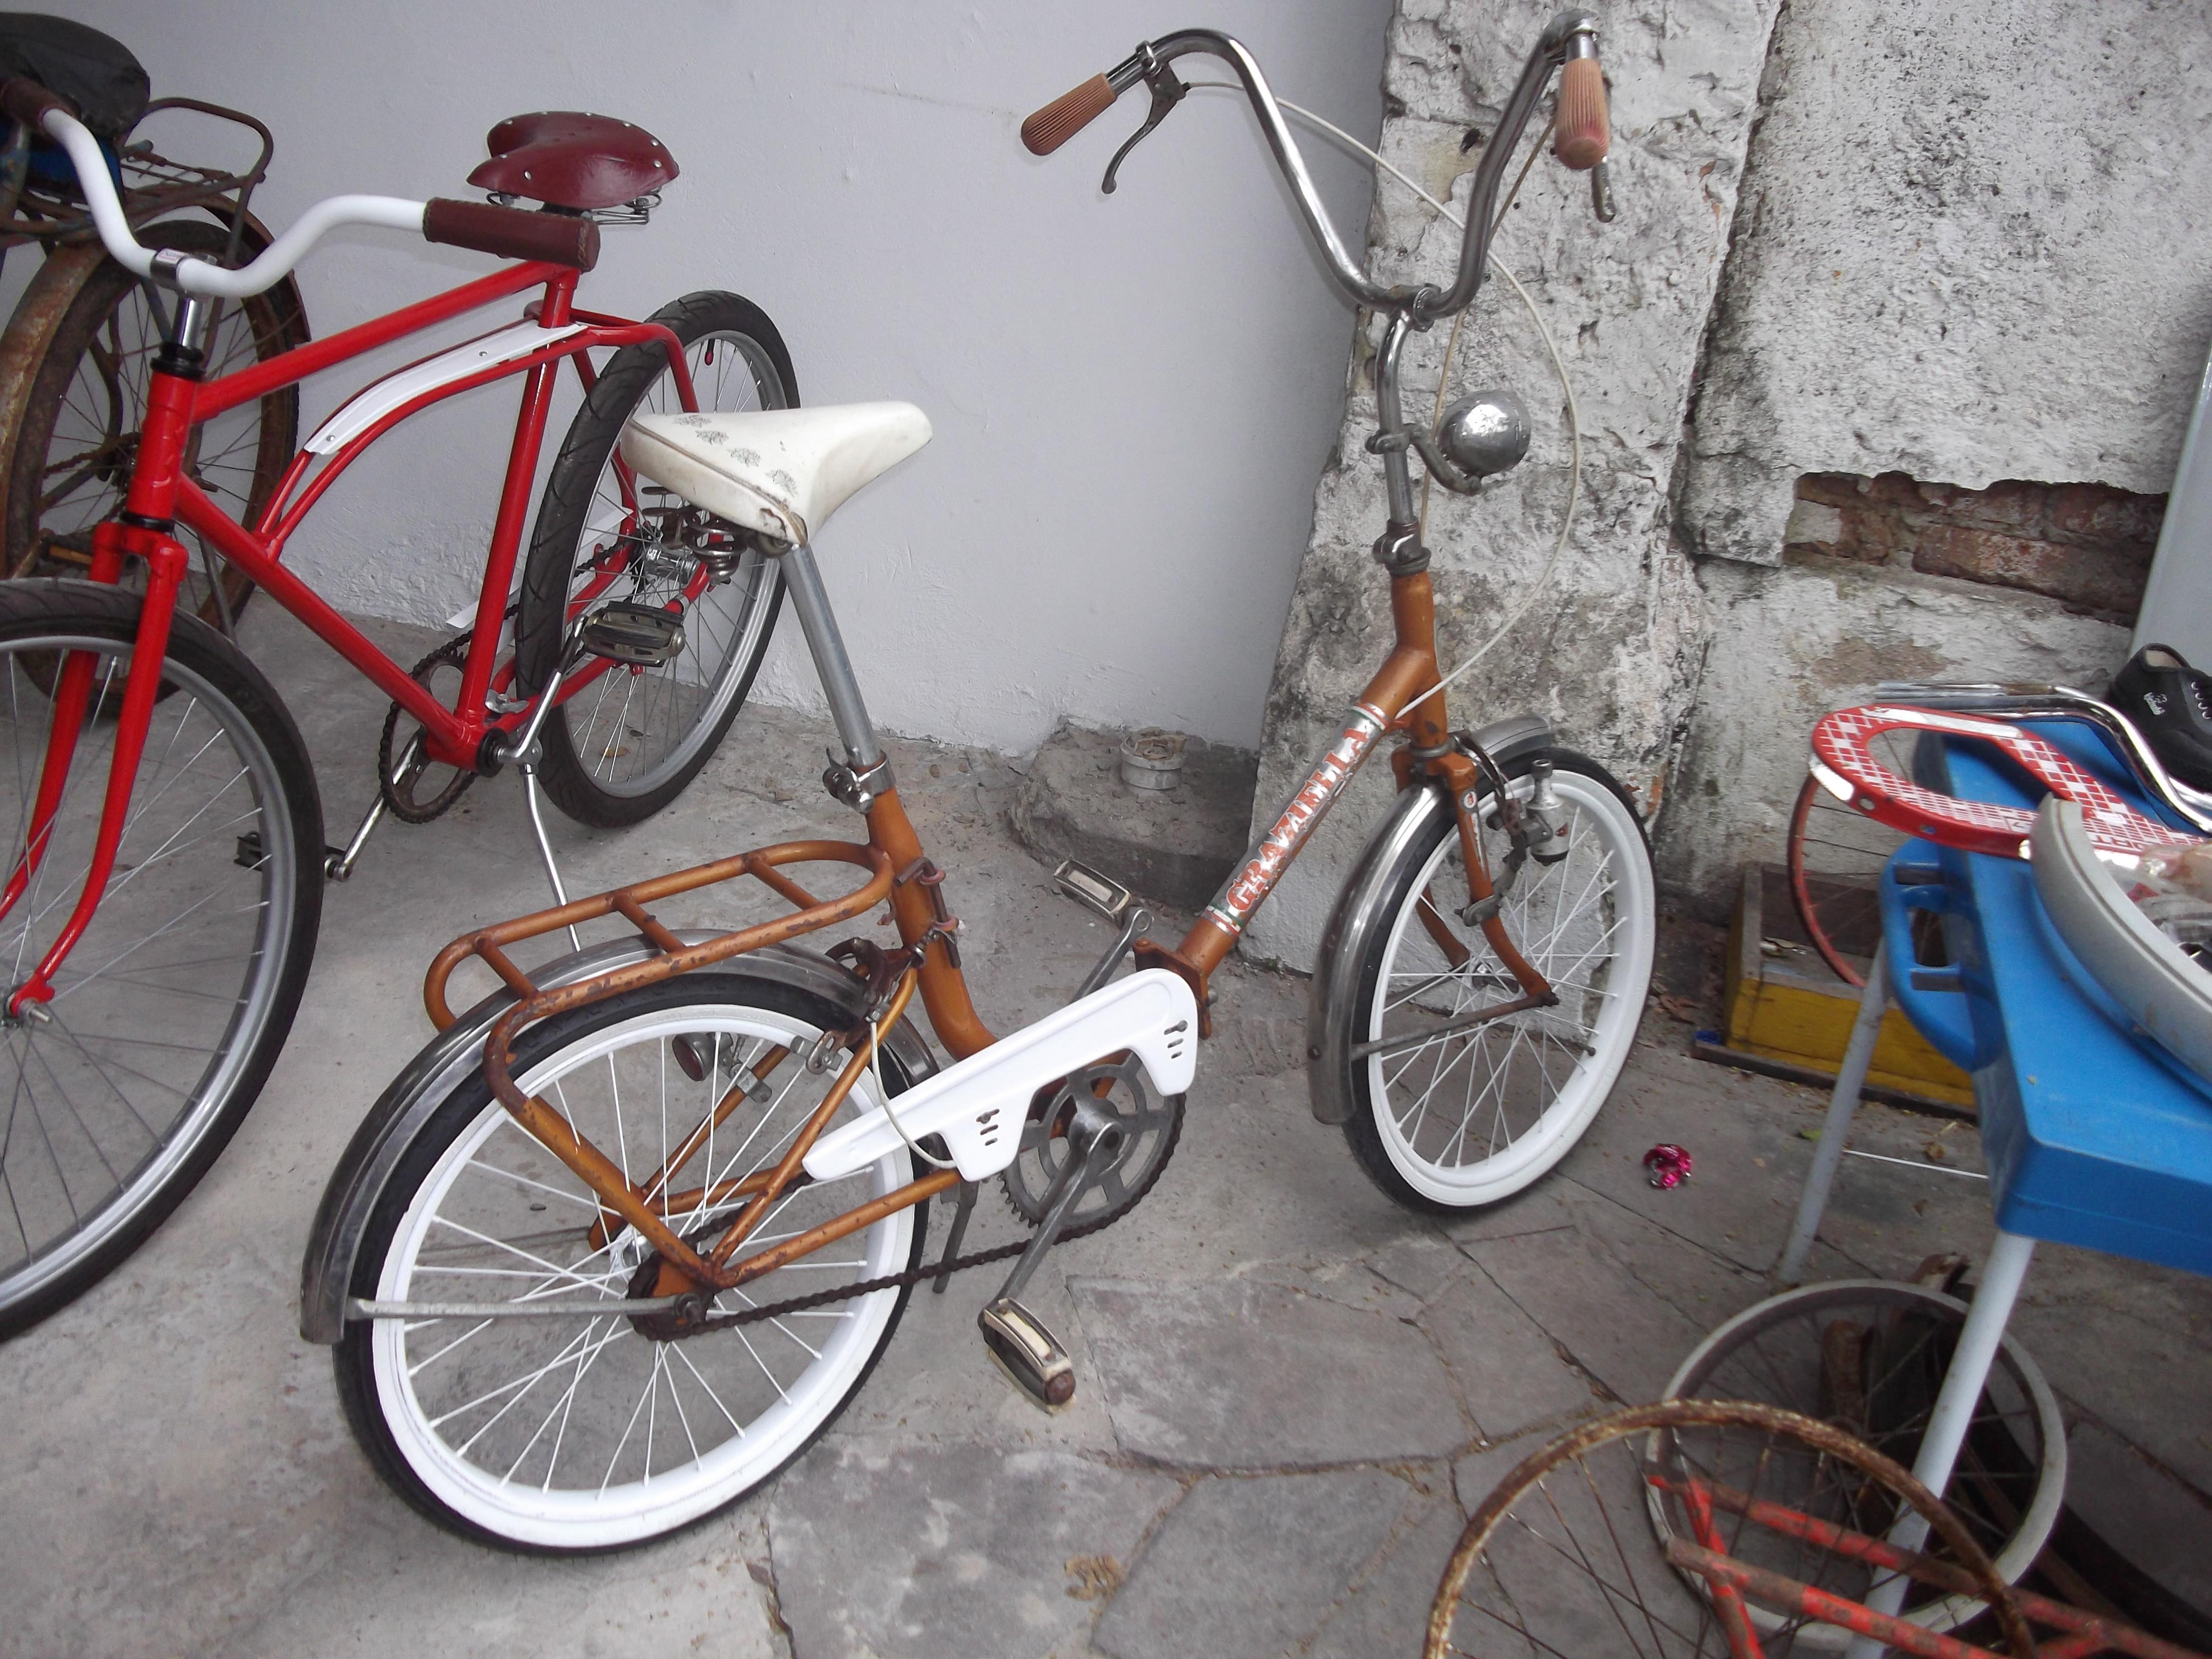 Graziella Bicicletta Wikipedia